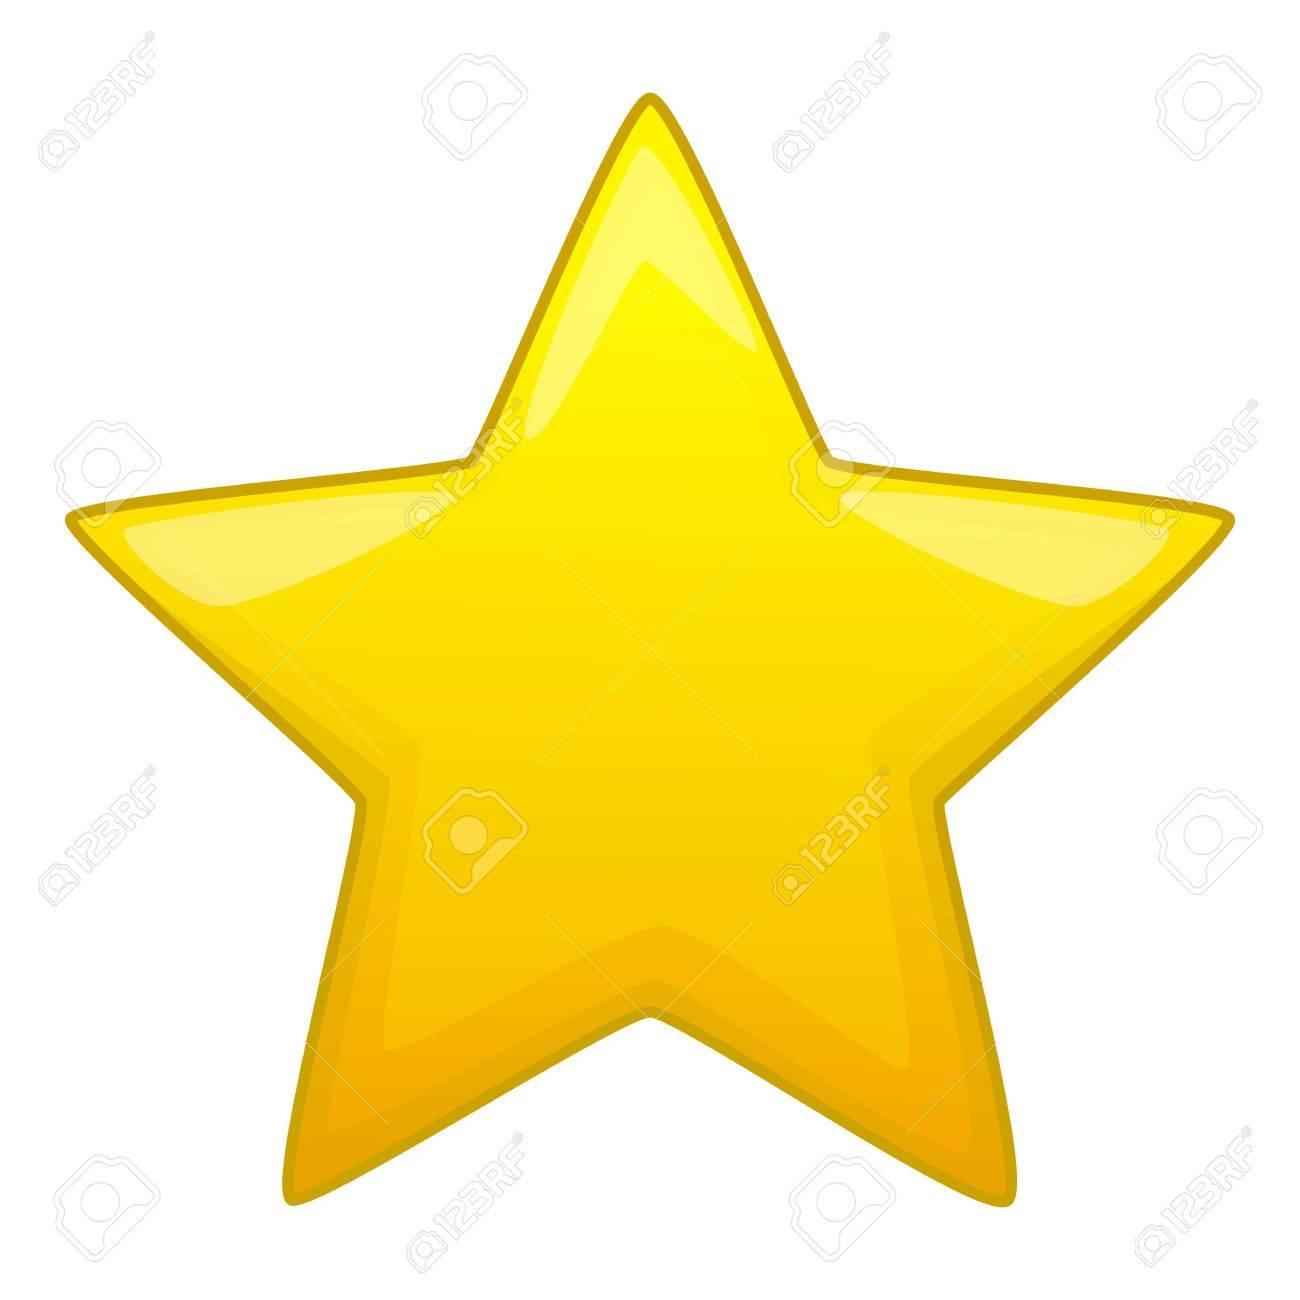 Cinco Puntas Amarilla Icono De Estrella Ilustracion De Dibujos